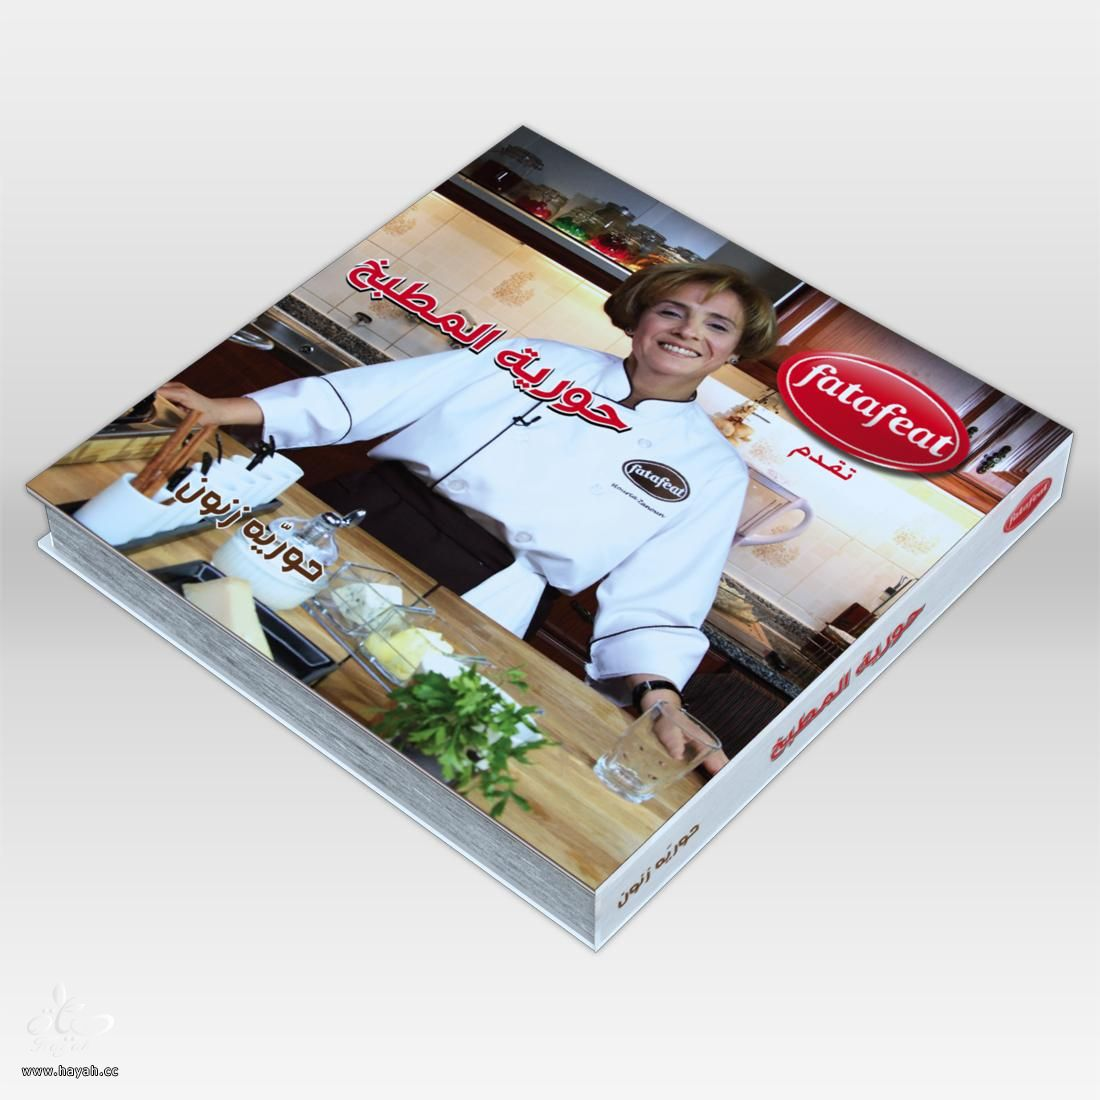 كتاب حورية المطبخ للحلويات بالصور ( كتاب يحتوي على اشهر 32 وصفة حلويات ) hayahcc_1380319866_528.jpg